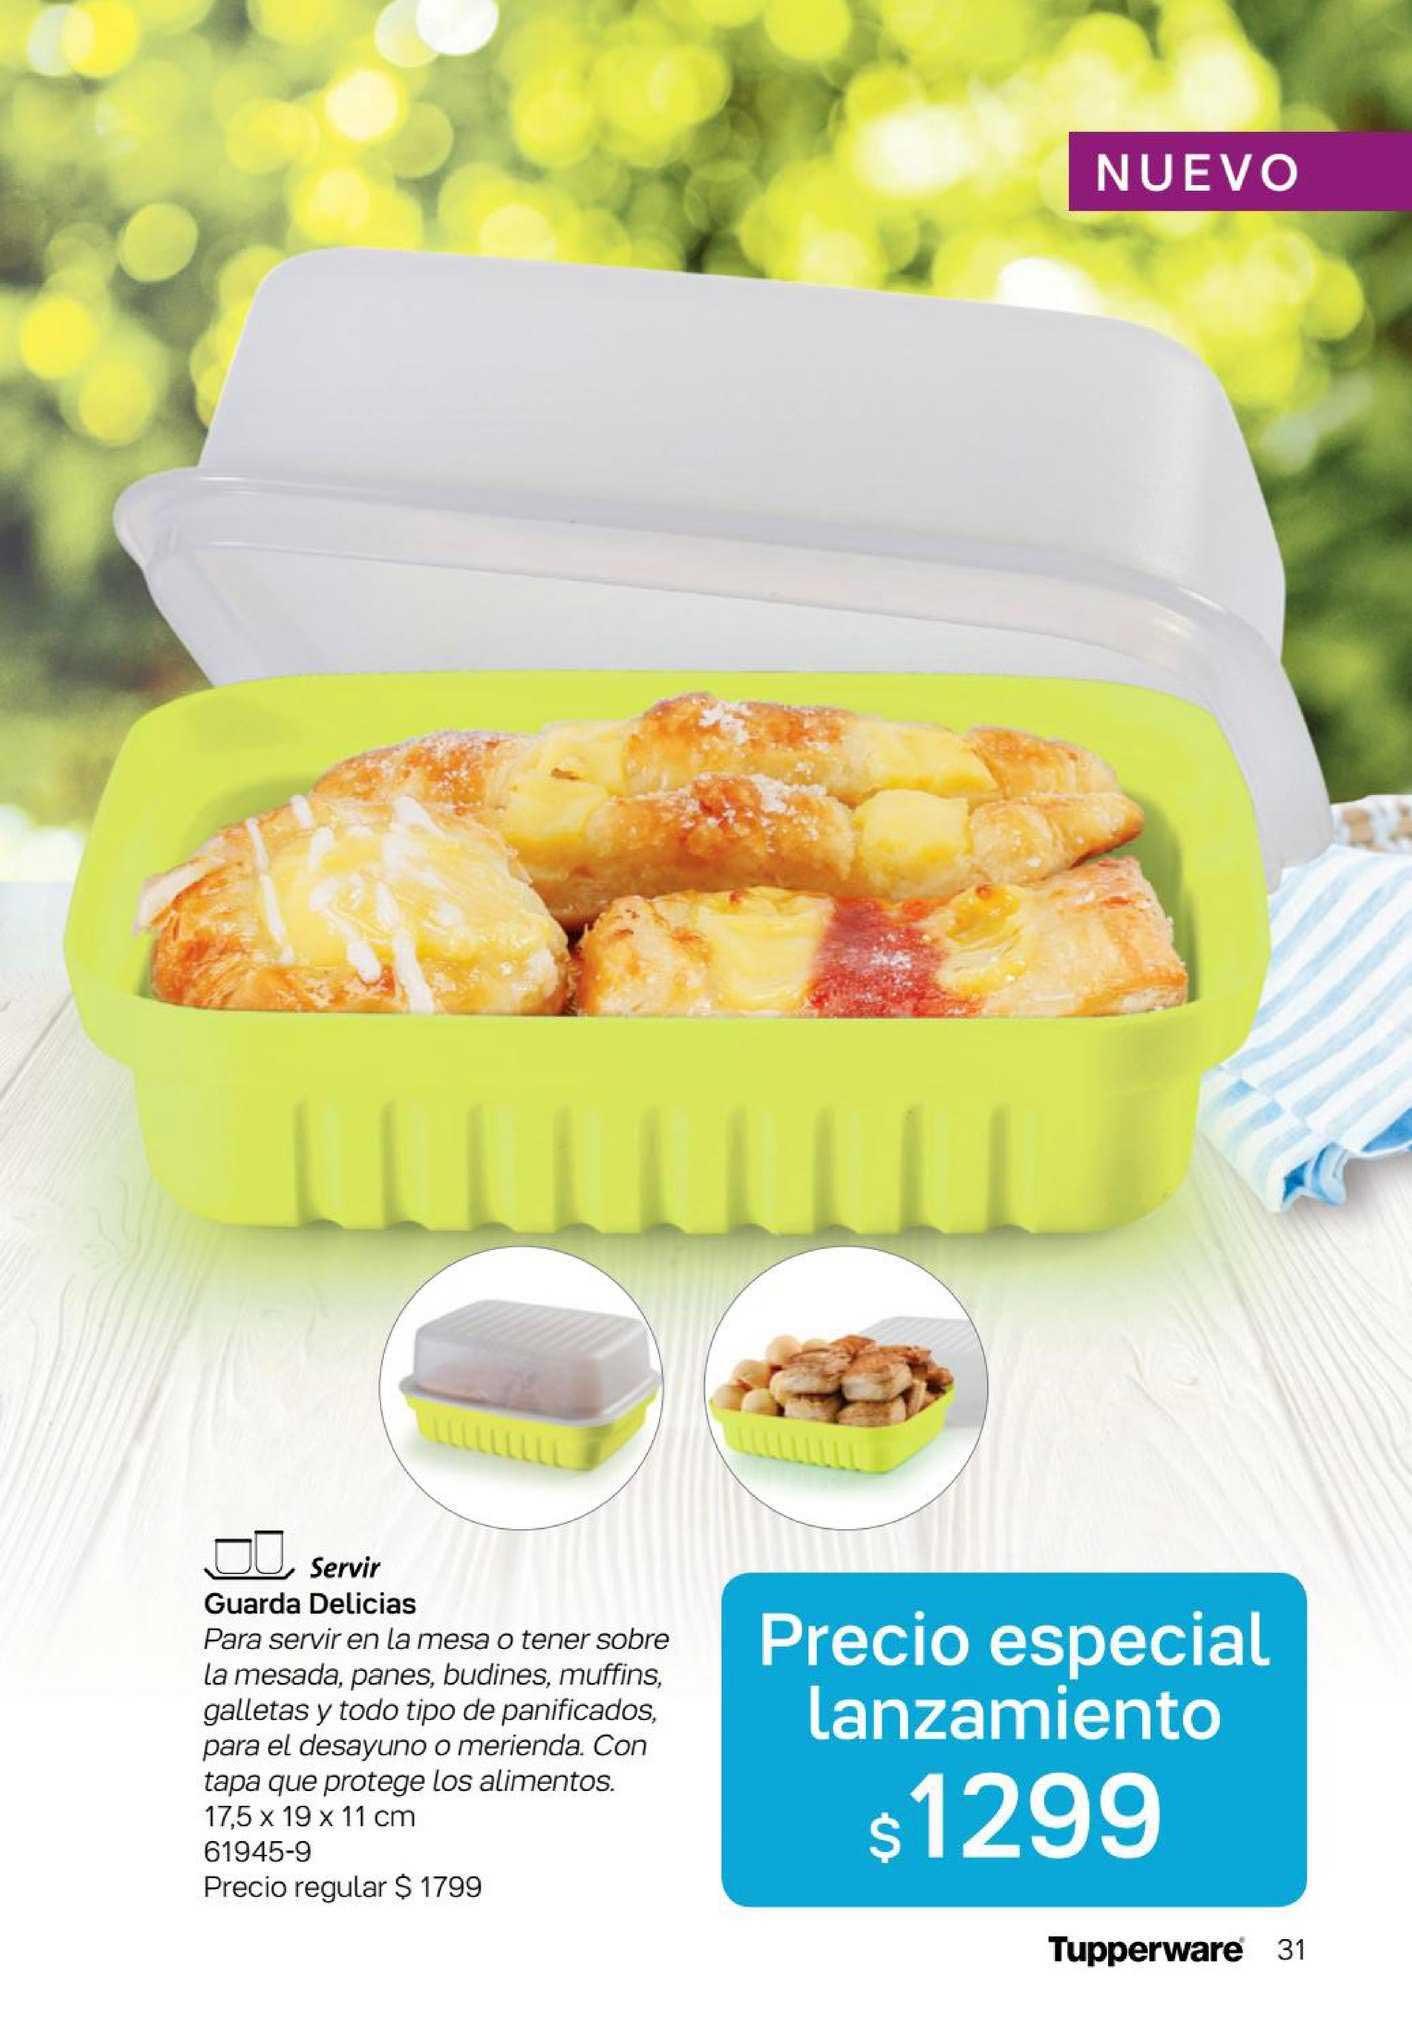 Tupperware Guarda Delicias